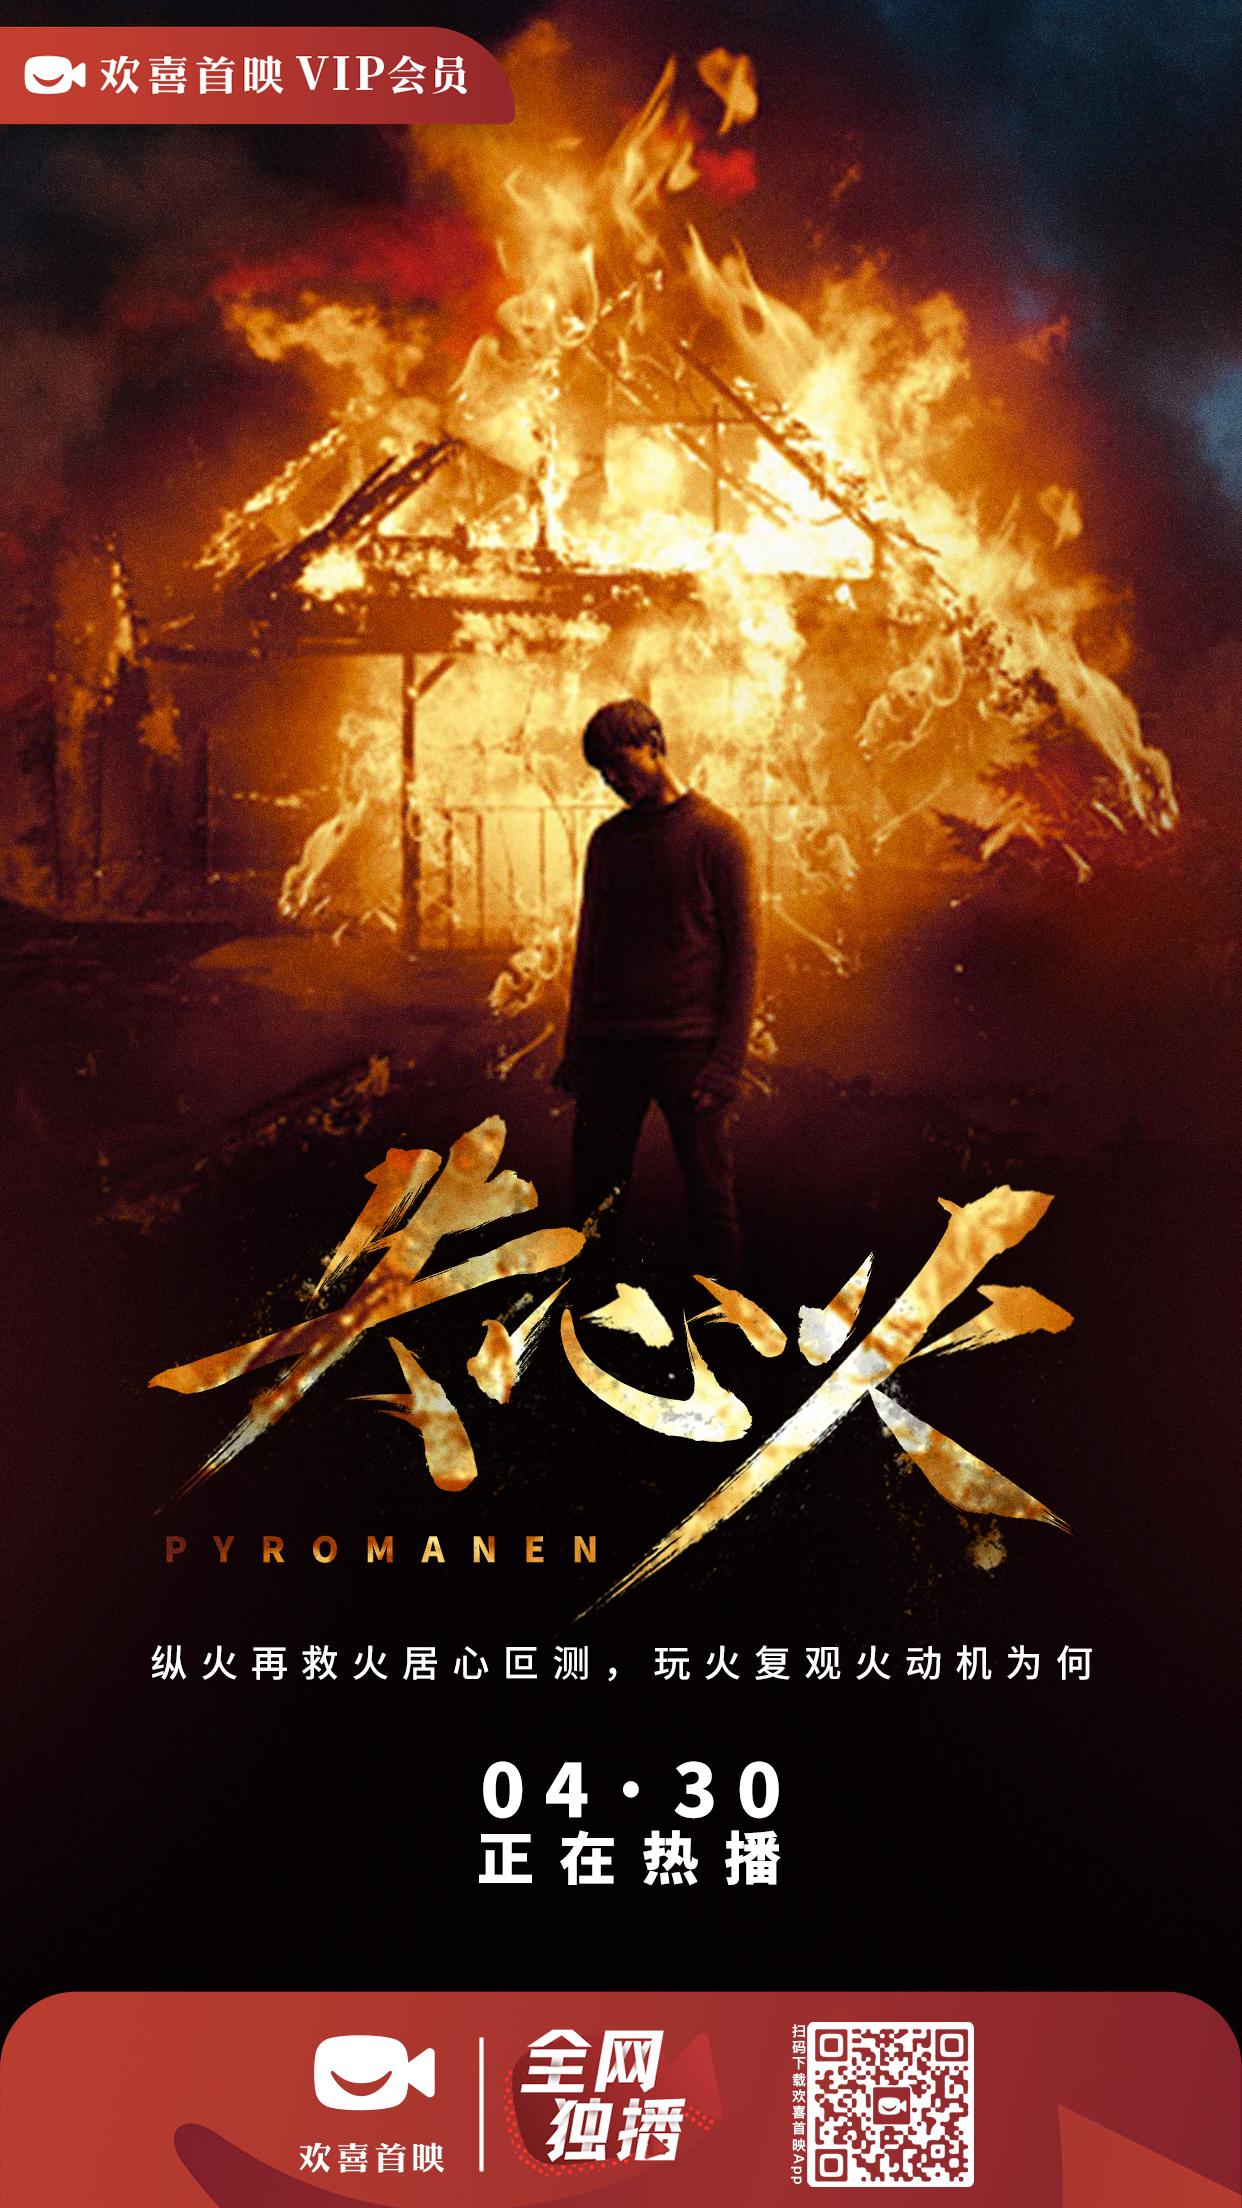 消防員縱火懸念叢生,電影《失心火》上線歡喜首映APP 獨家熱播